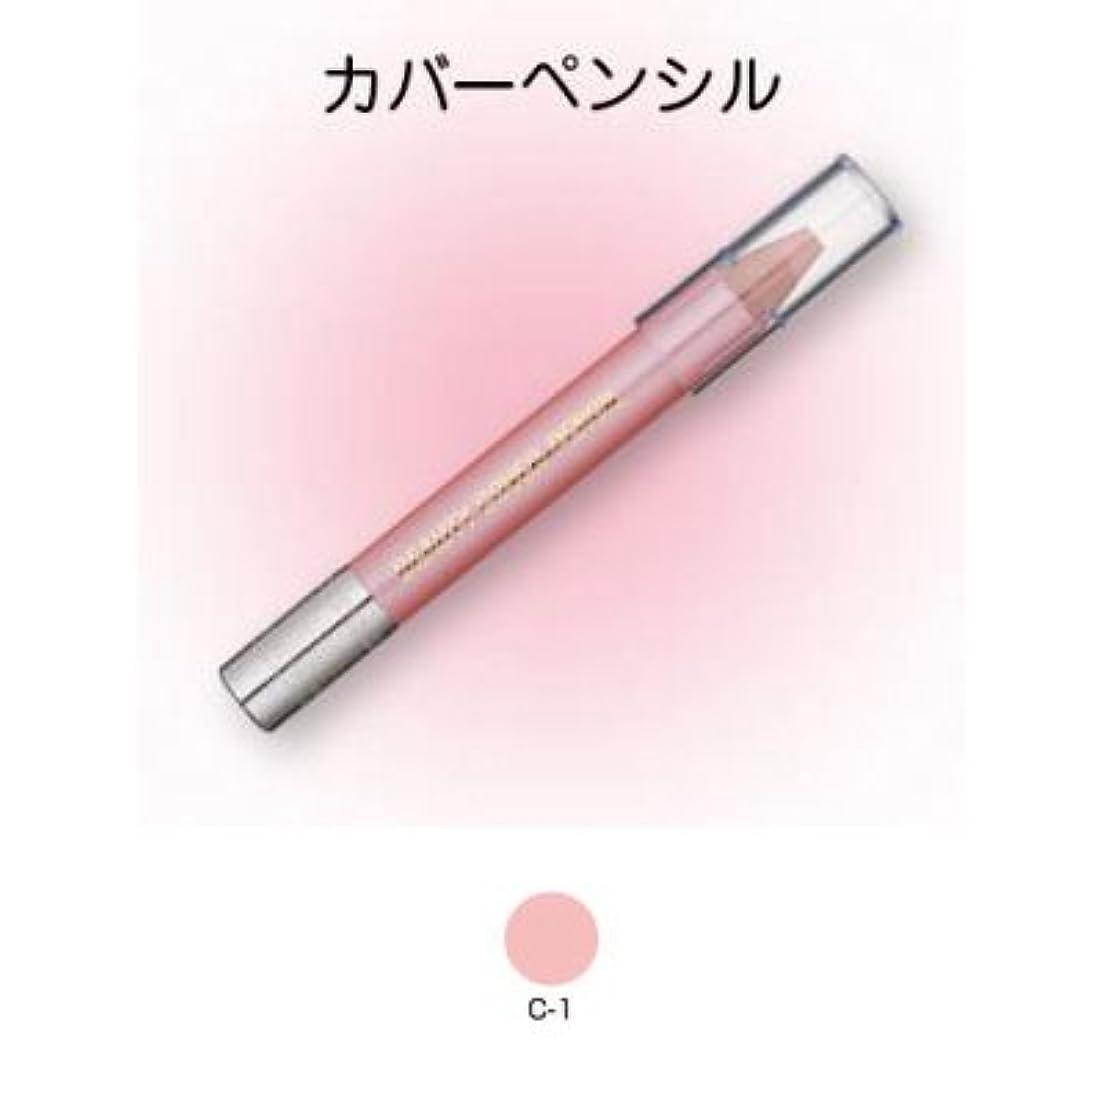 パール伴う目指すビューティーカバーペンシル C-1【三善】